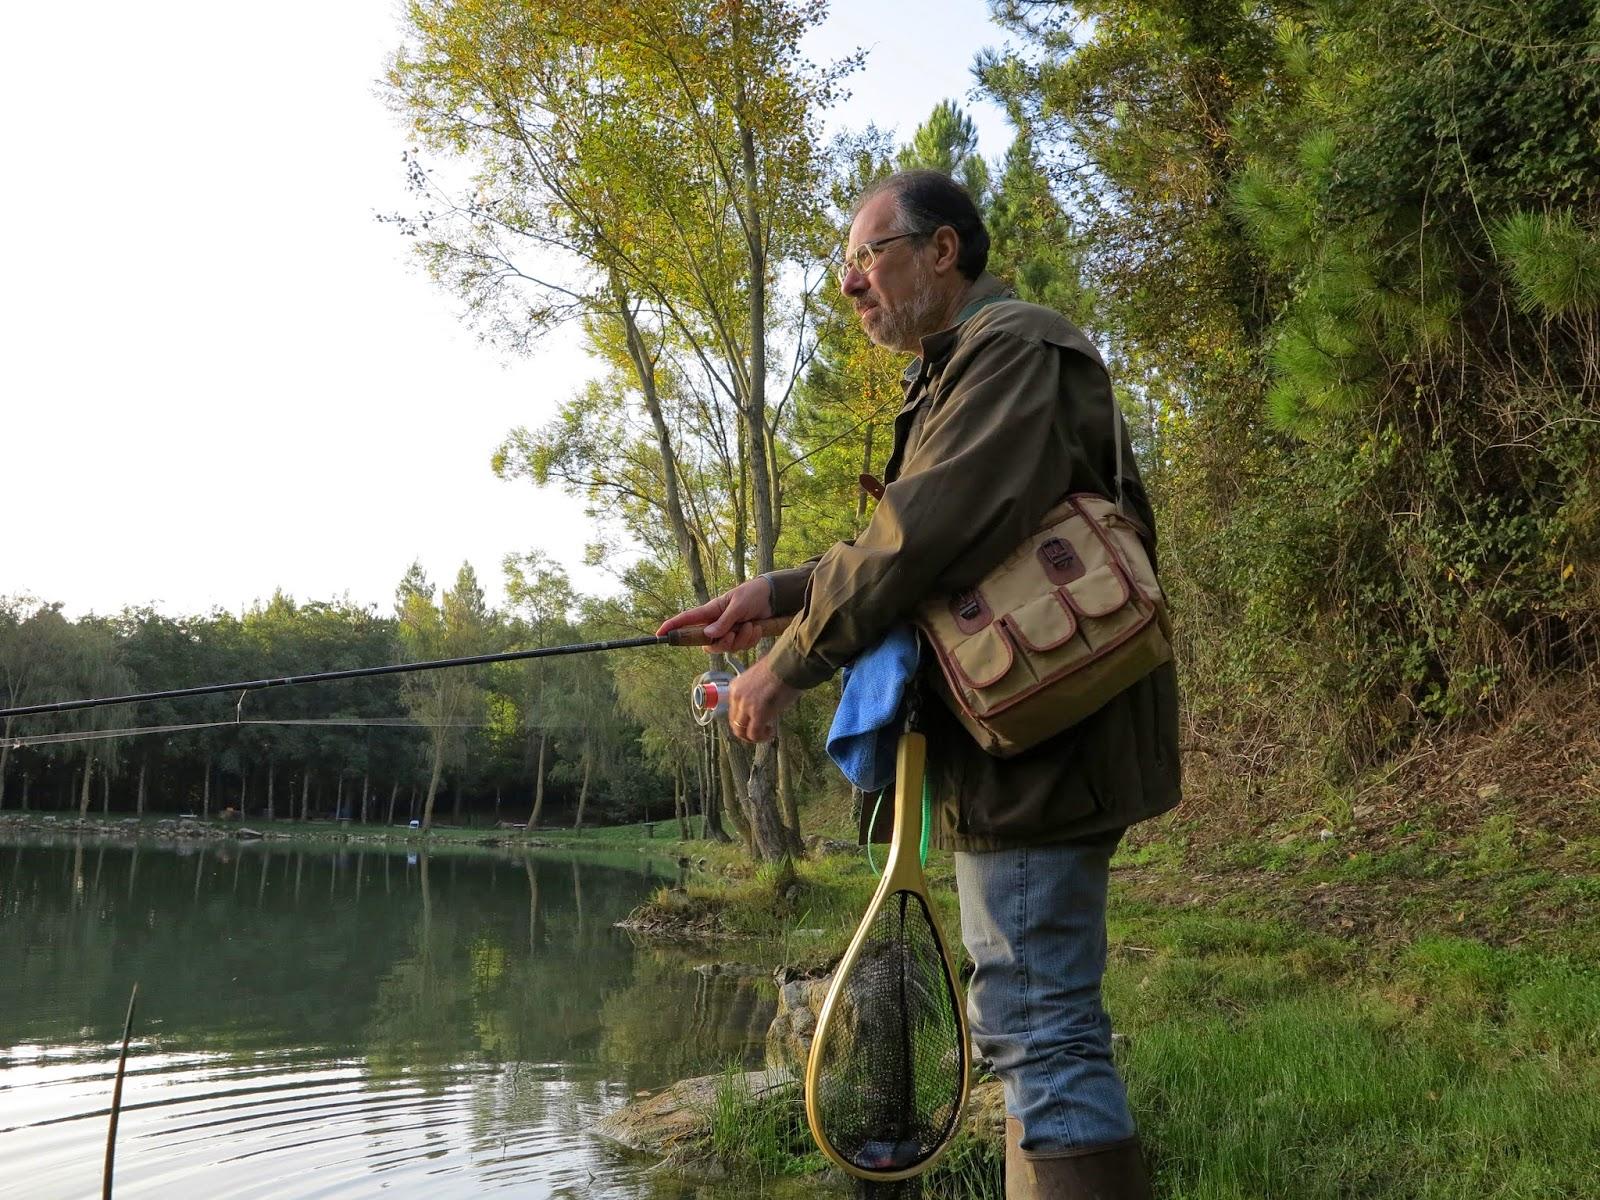 Una vita per la pesca 11 ottobre 2014 ancora a spinning for Vasche per allevamento trote